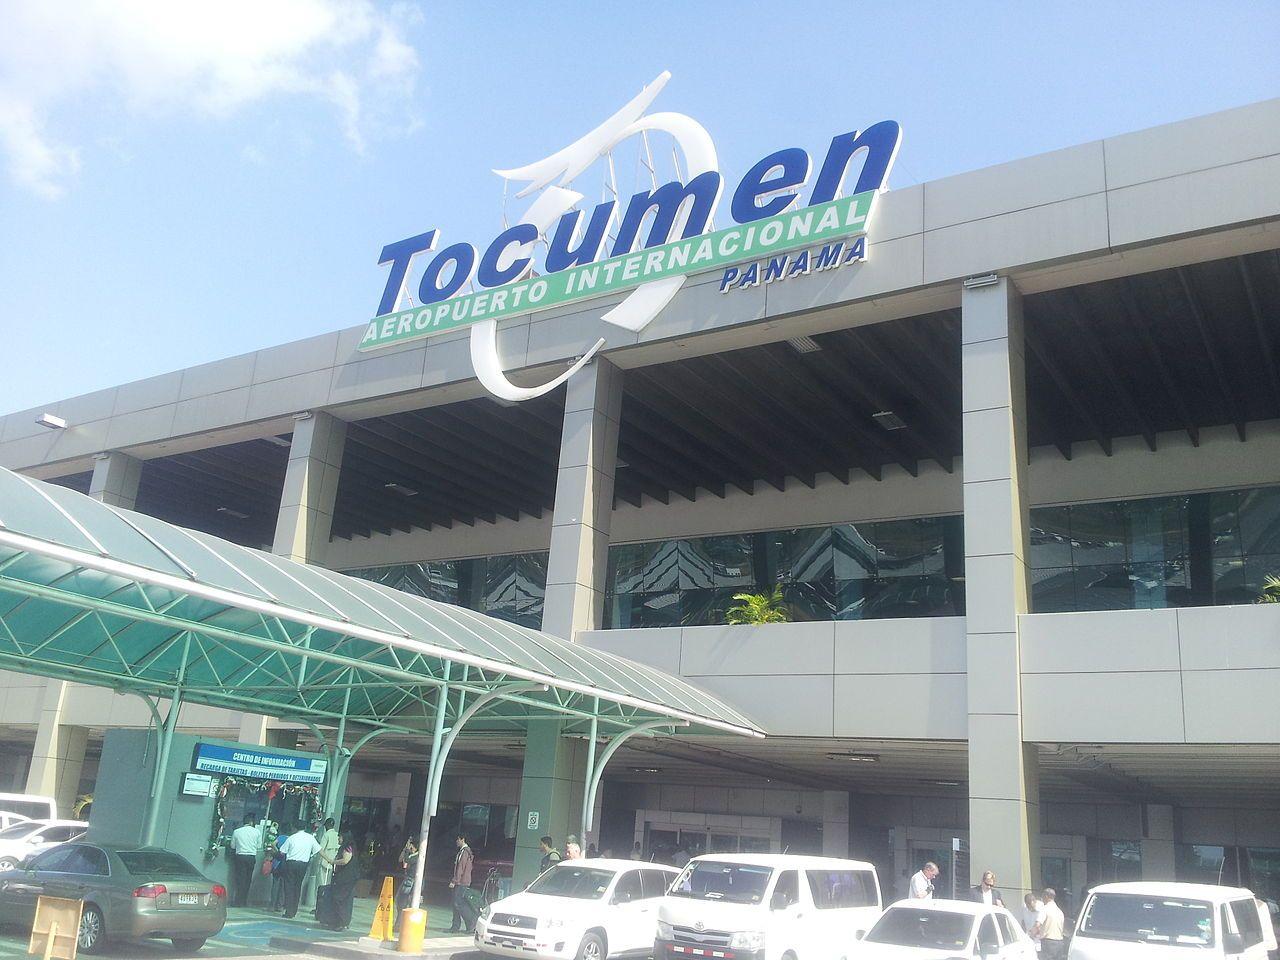 Aeropuerto de tocumen. Panamá